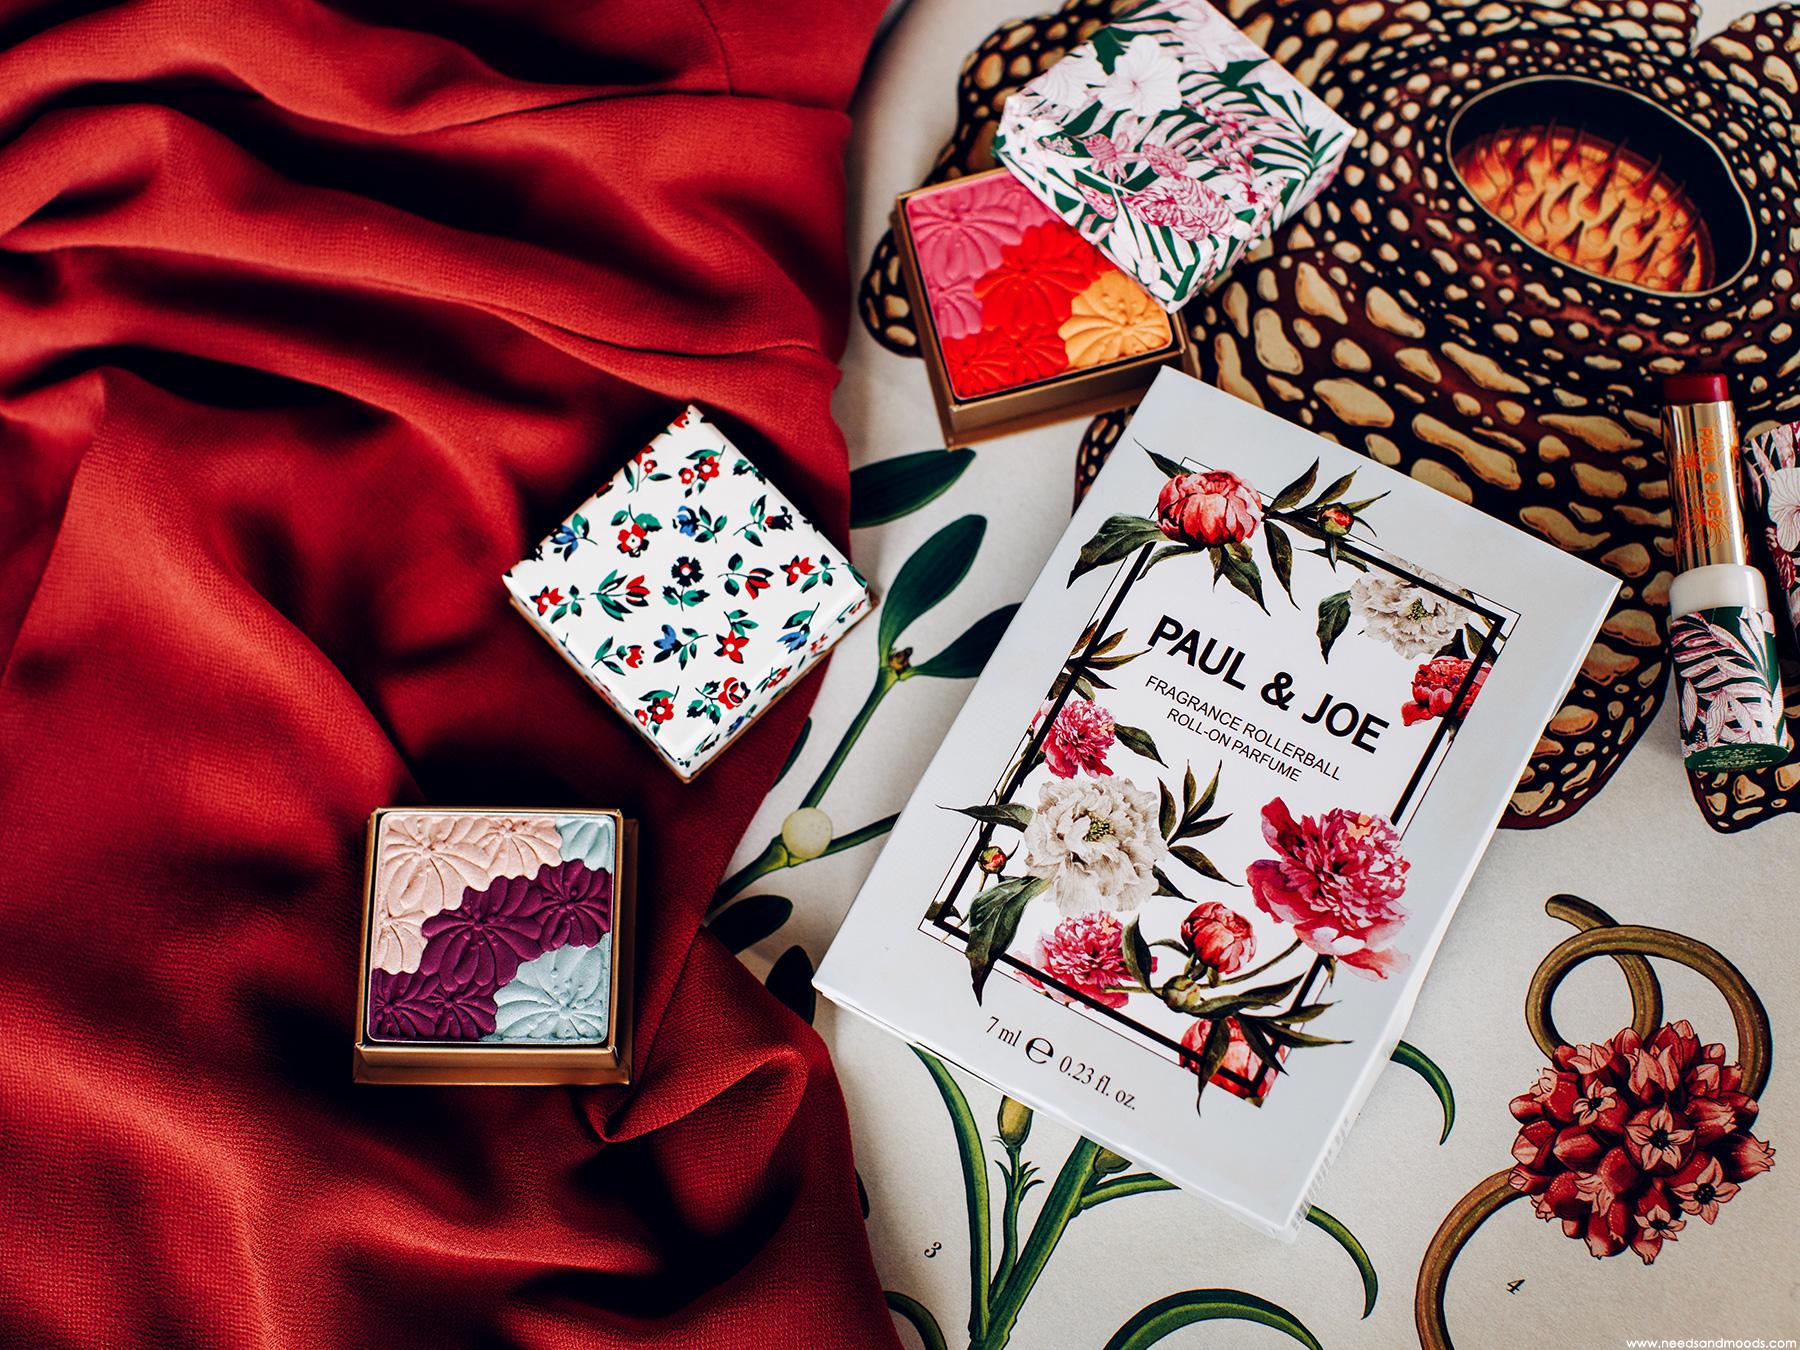 paul joe beaute maquillage printemps 2019 floral shoppe